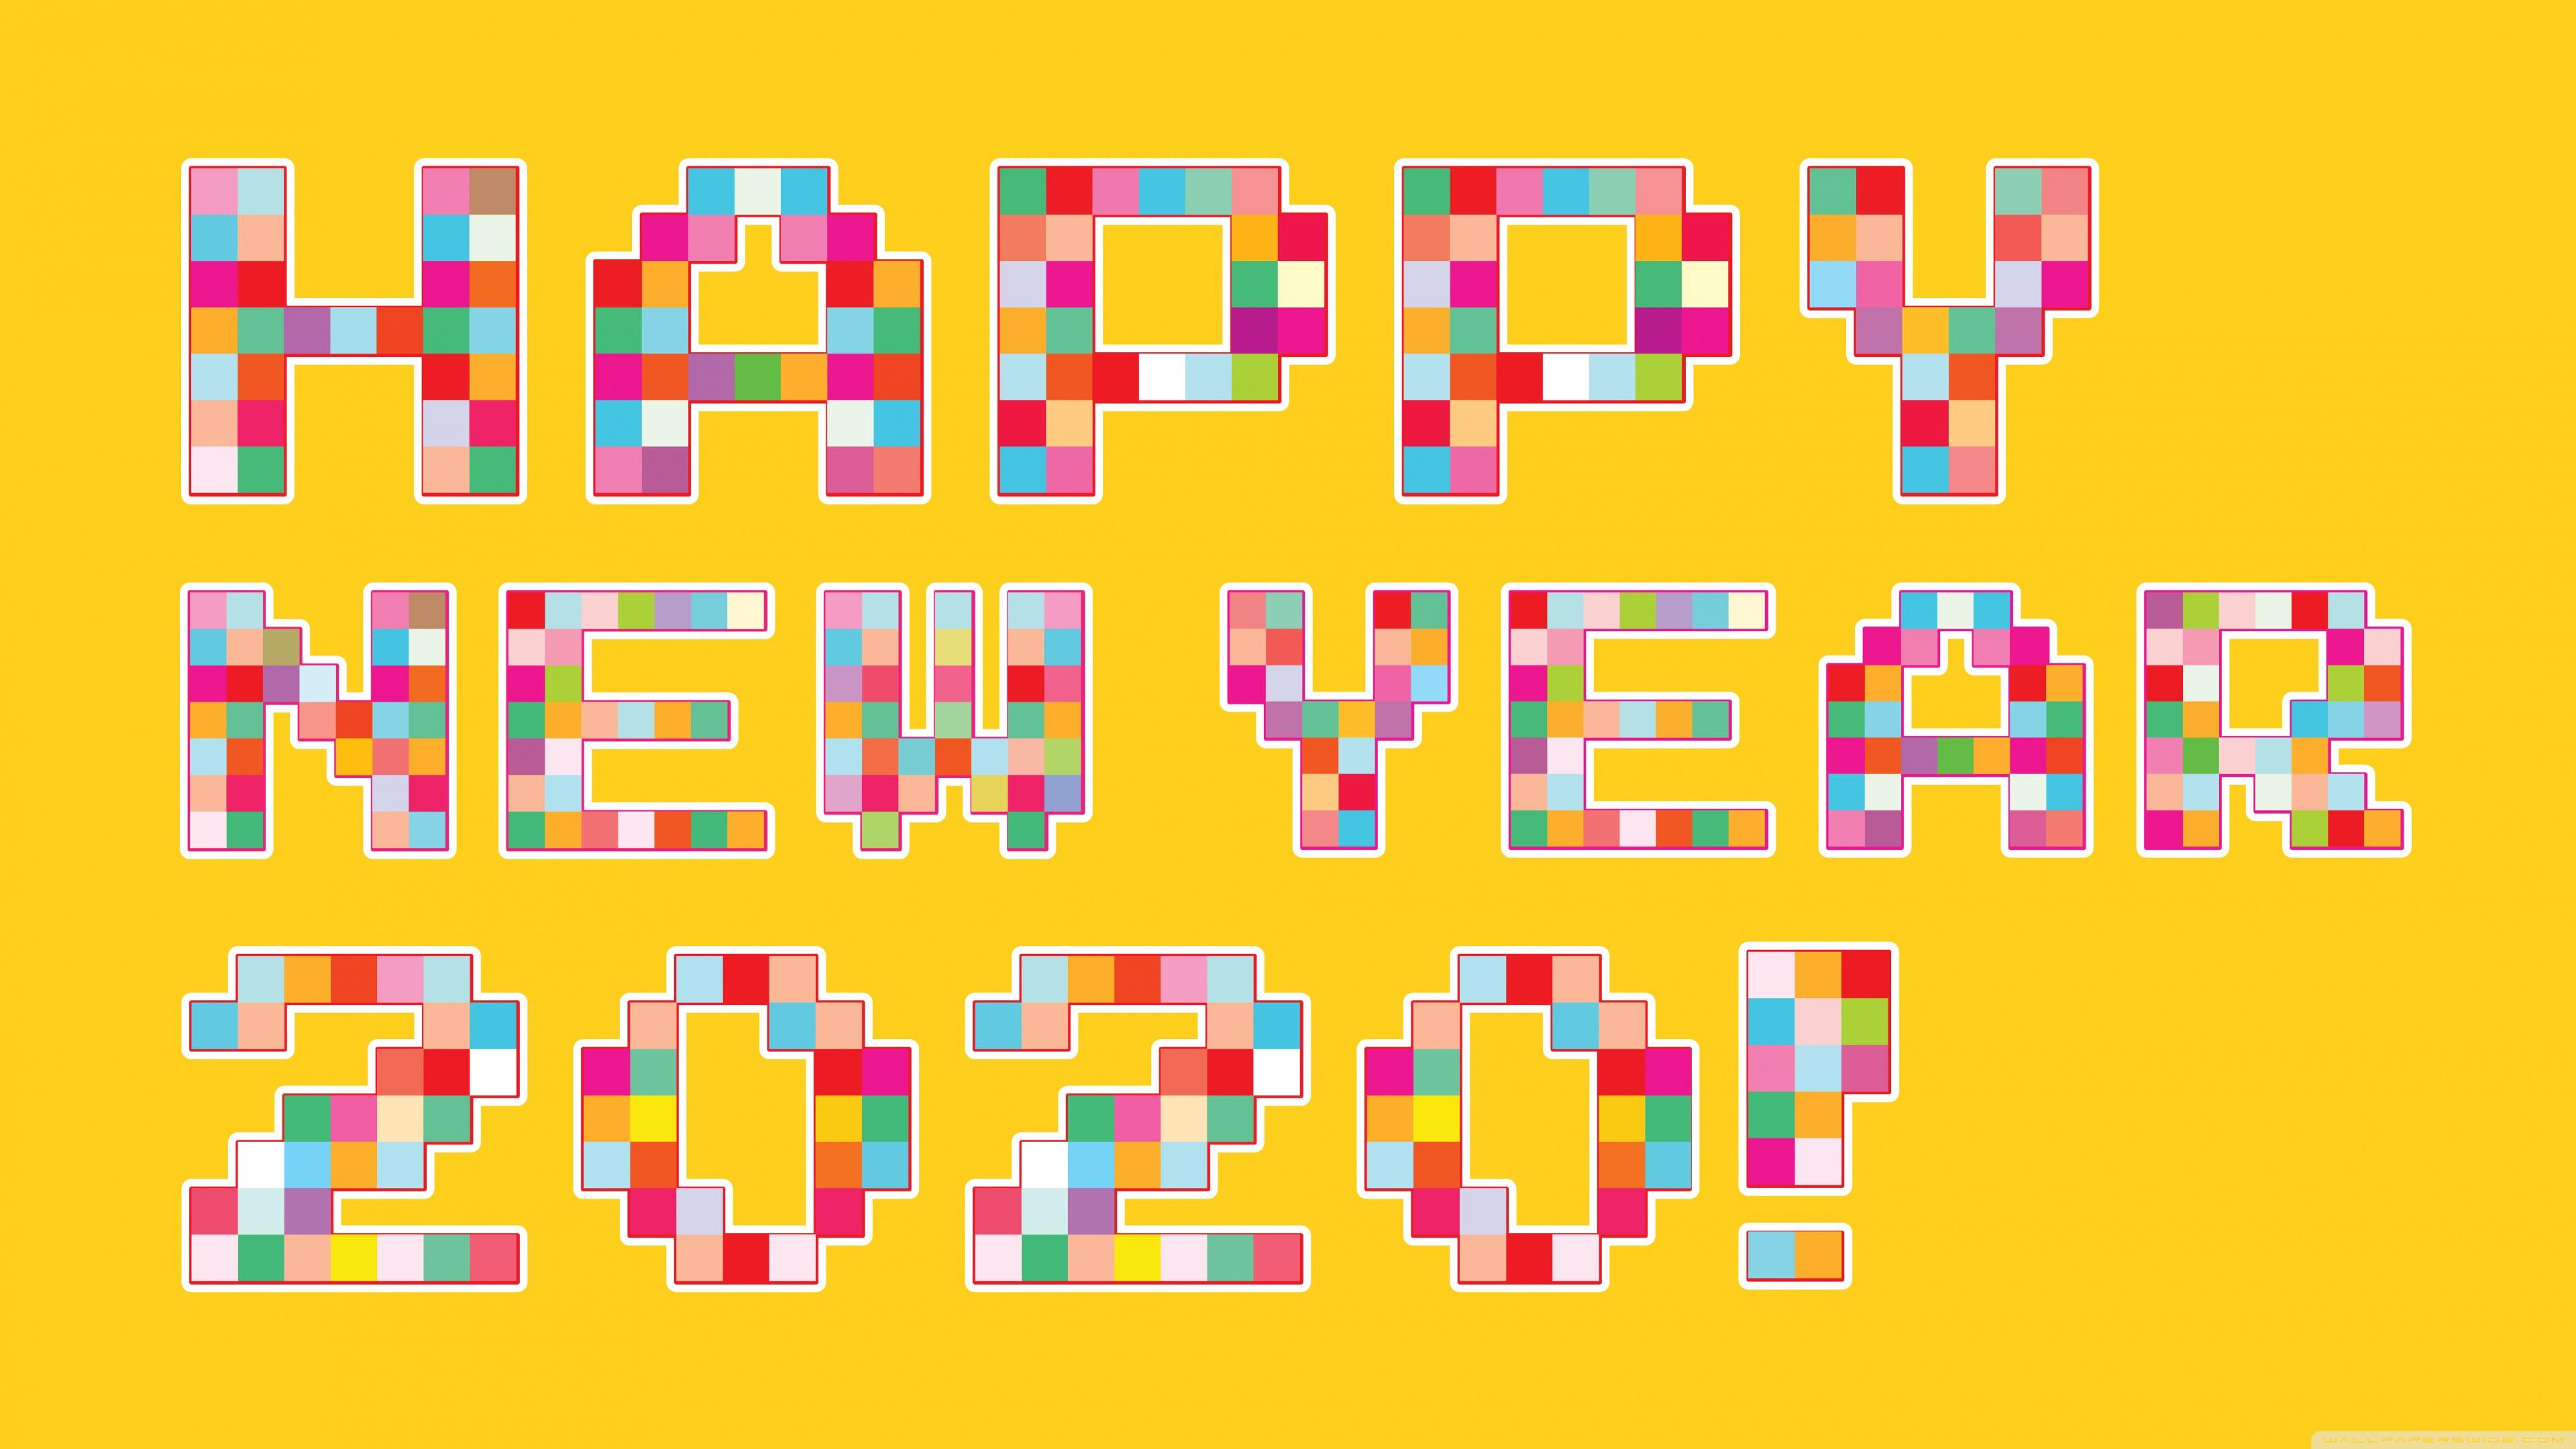 Happy New Year 2020 Pixel Art 4K HD Desktop Wallpaper for 4K 3840x2160